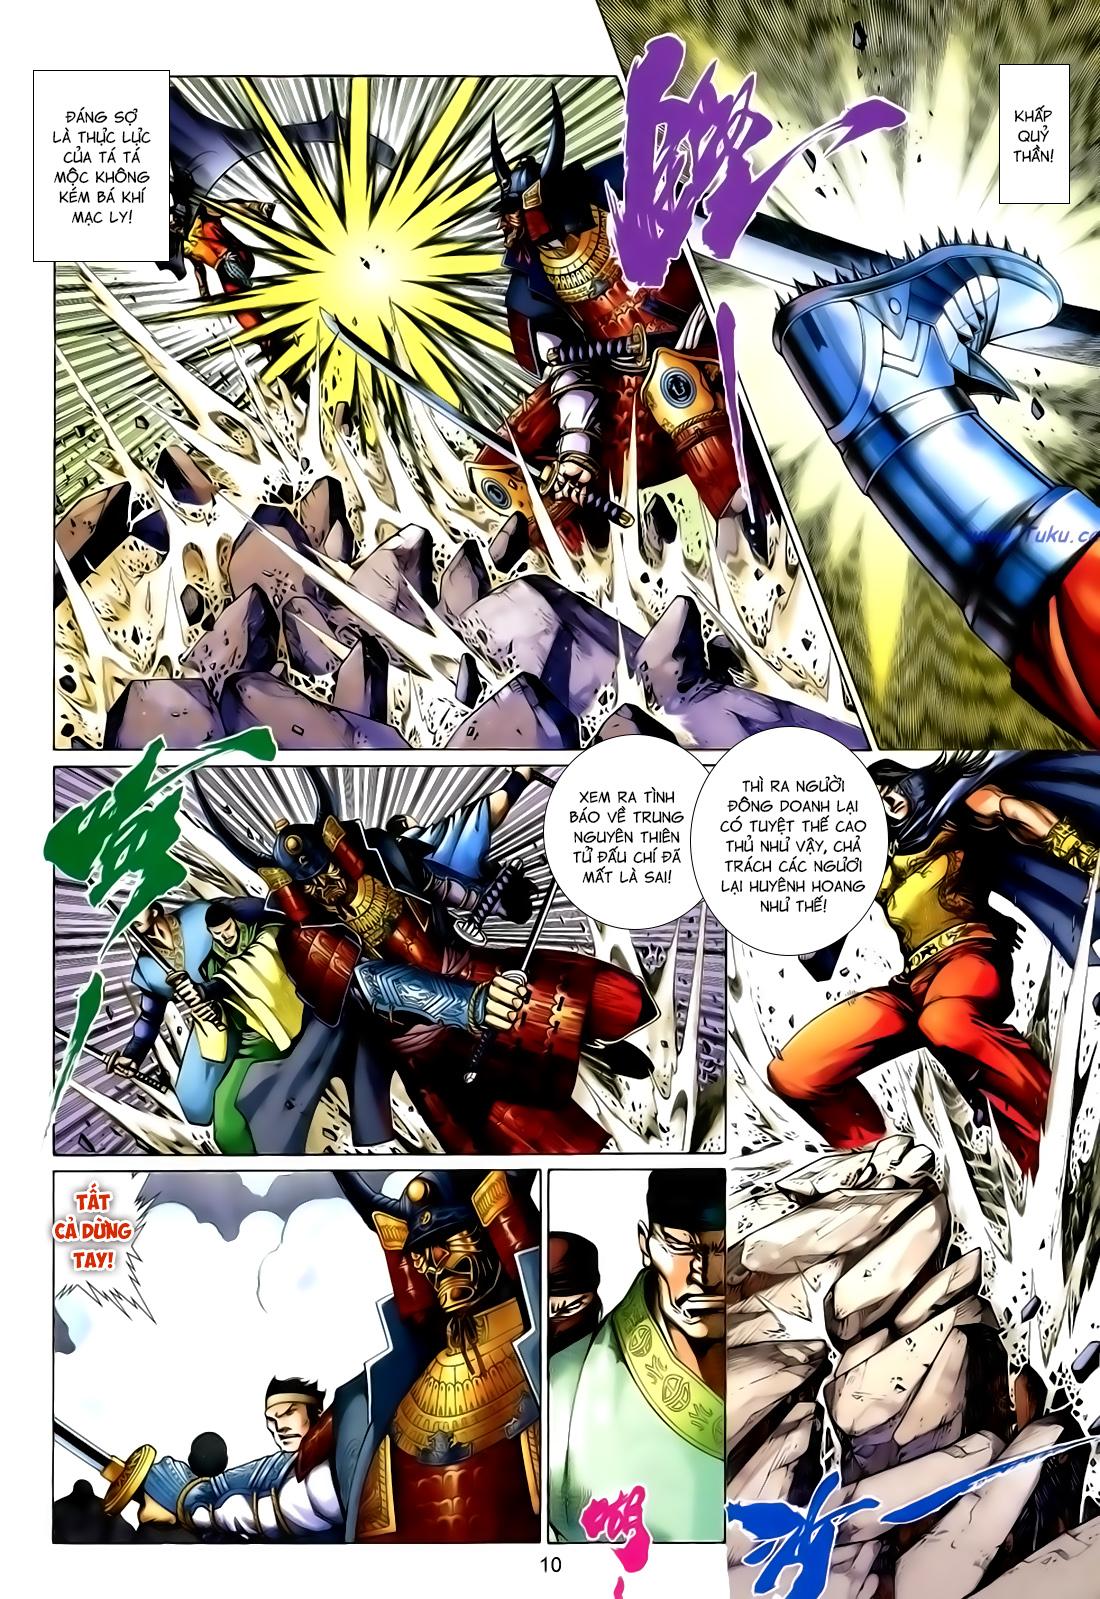 Anh Hùng Vô Lệ Chap 167 - Trang 10